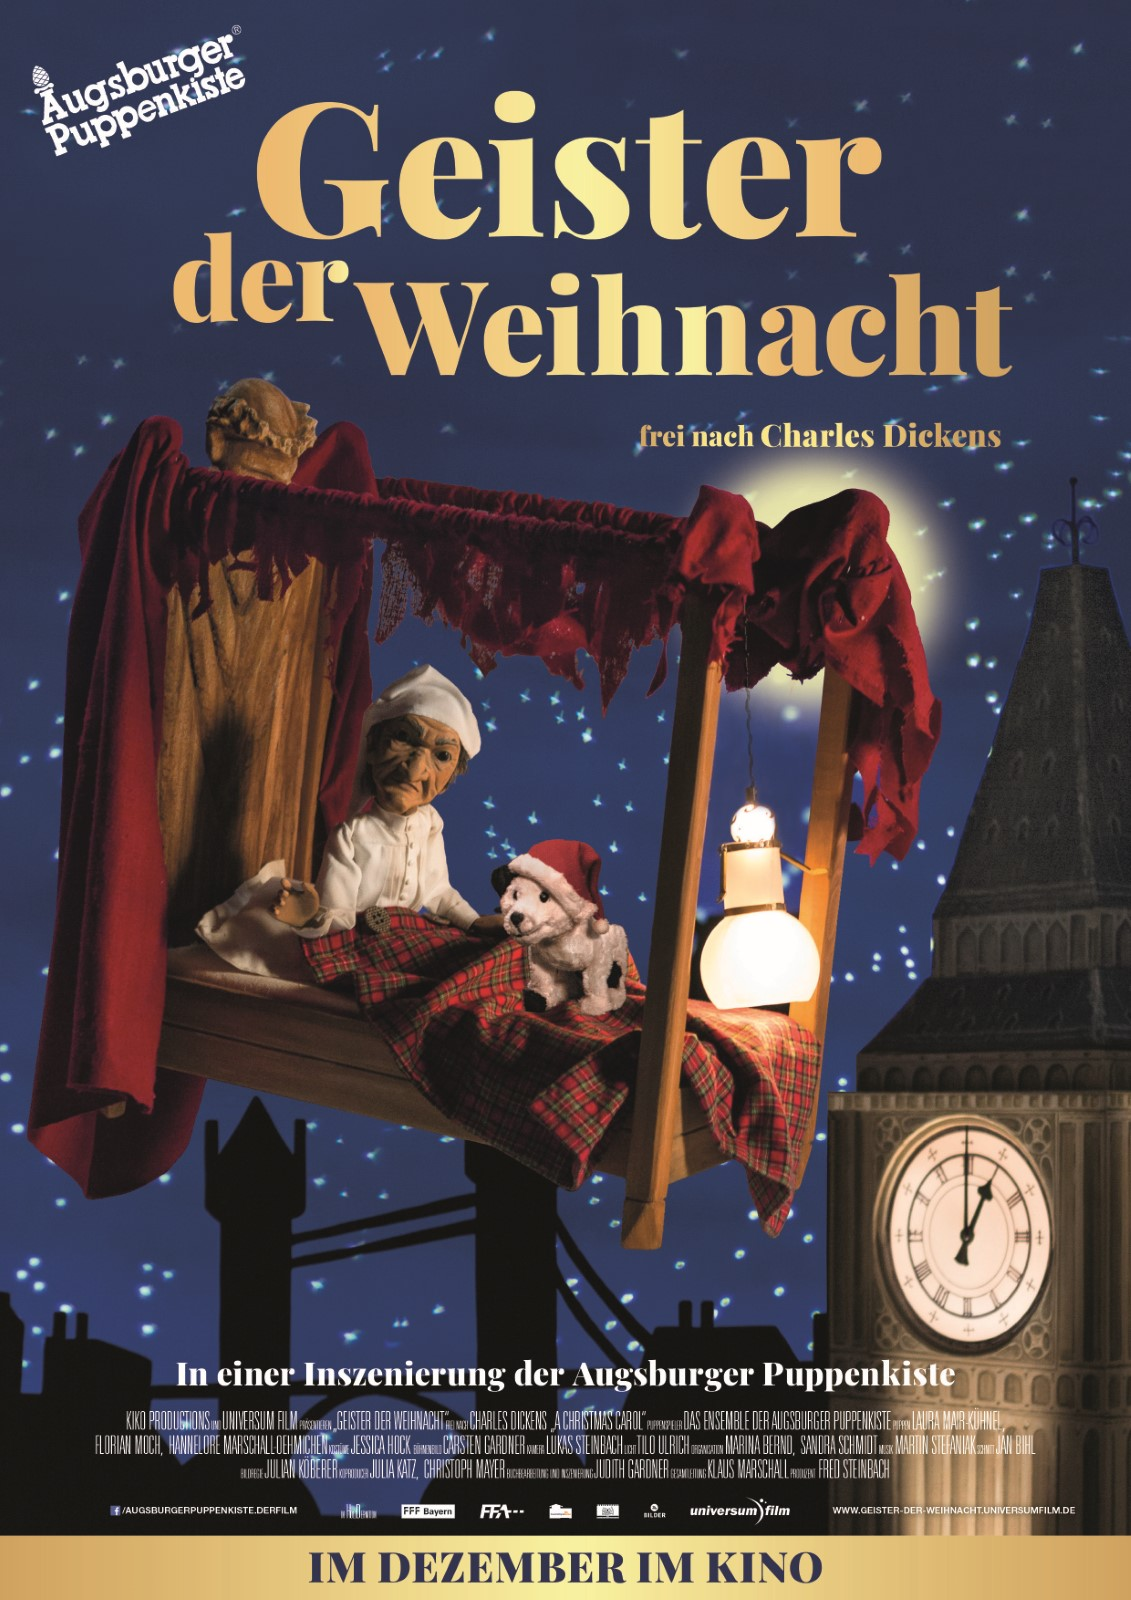 Geister der Weihnacht - Augsburger Puppenkiste - Film 2018 ...  Geister der Wei...